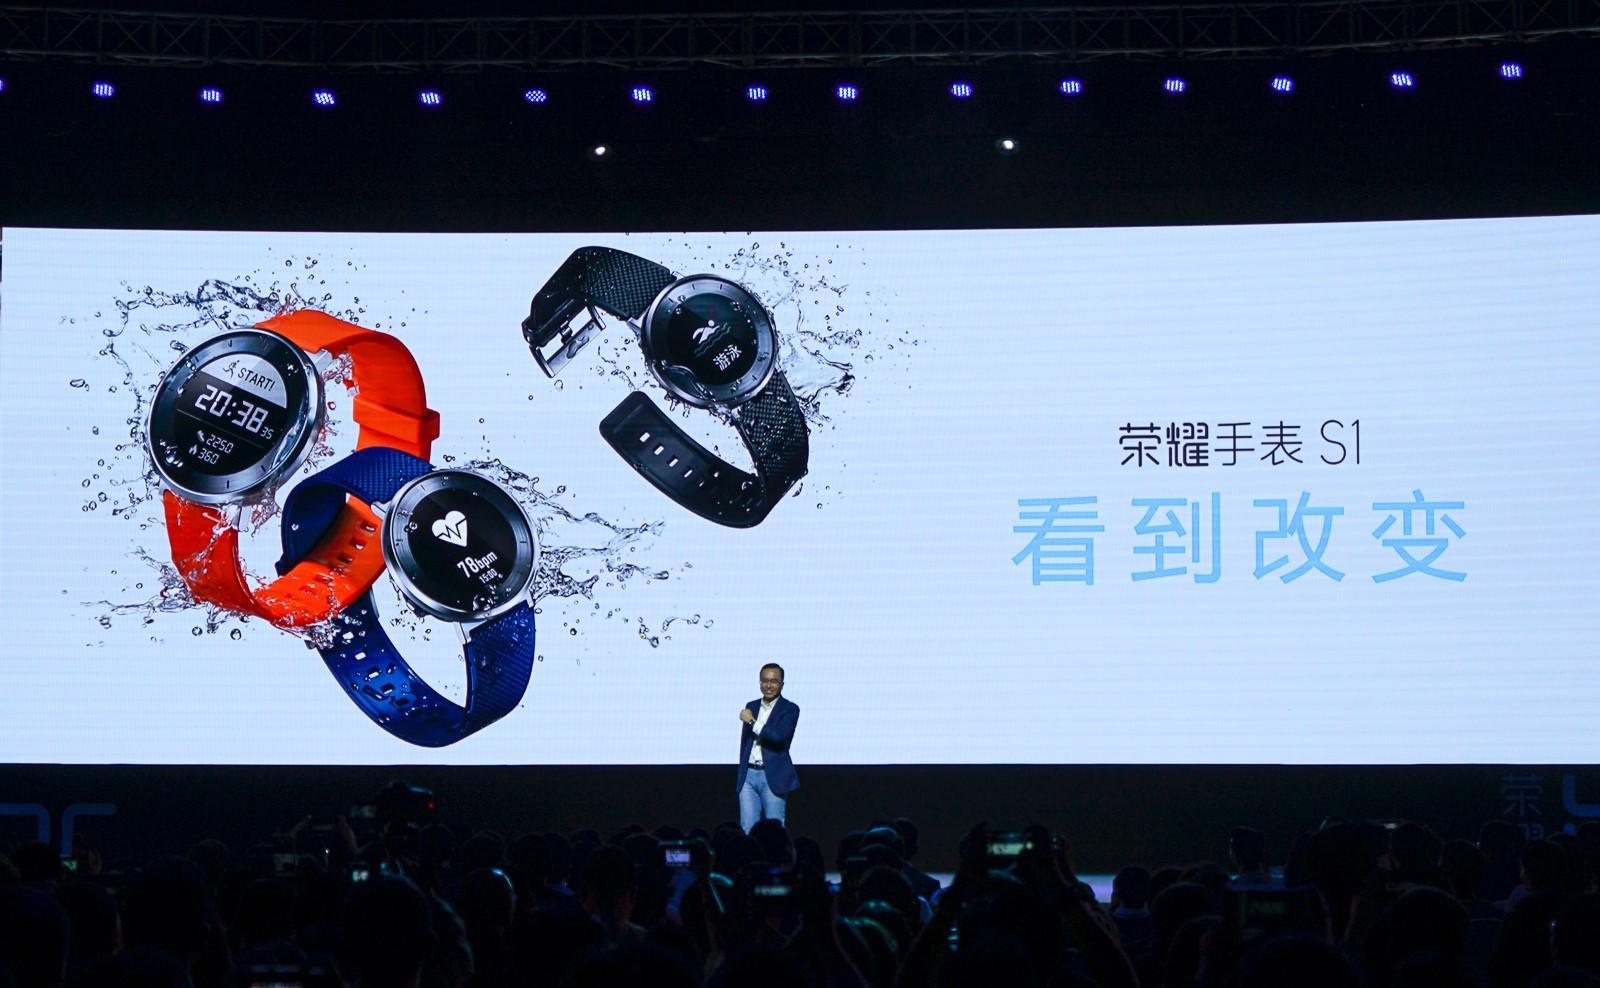 首款智能手表发布 荣耀手表S1起售价699元